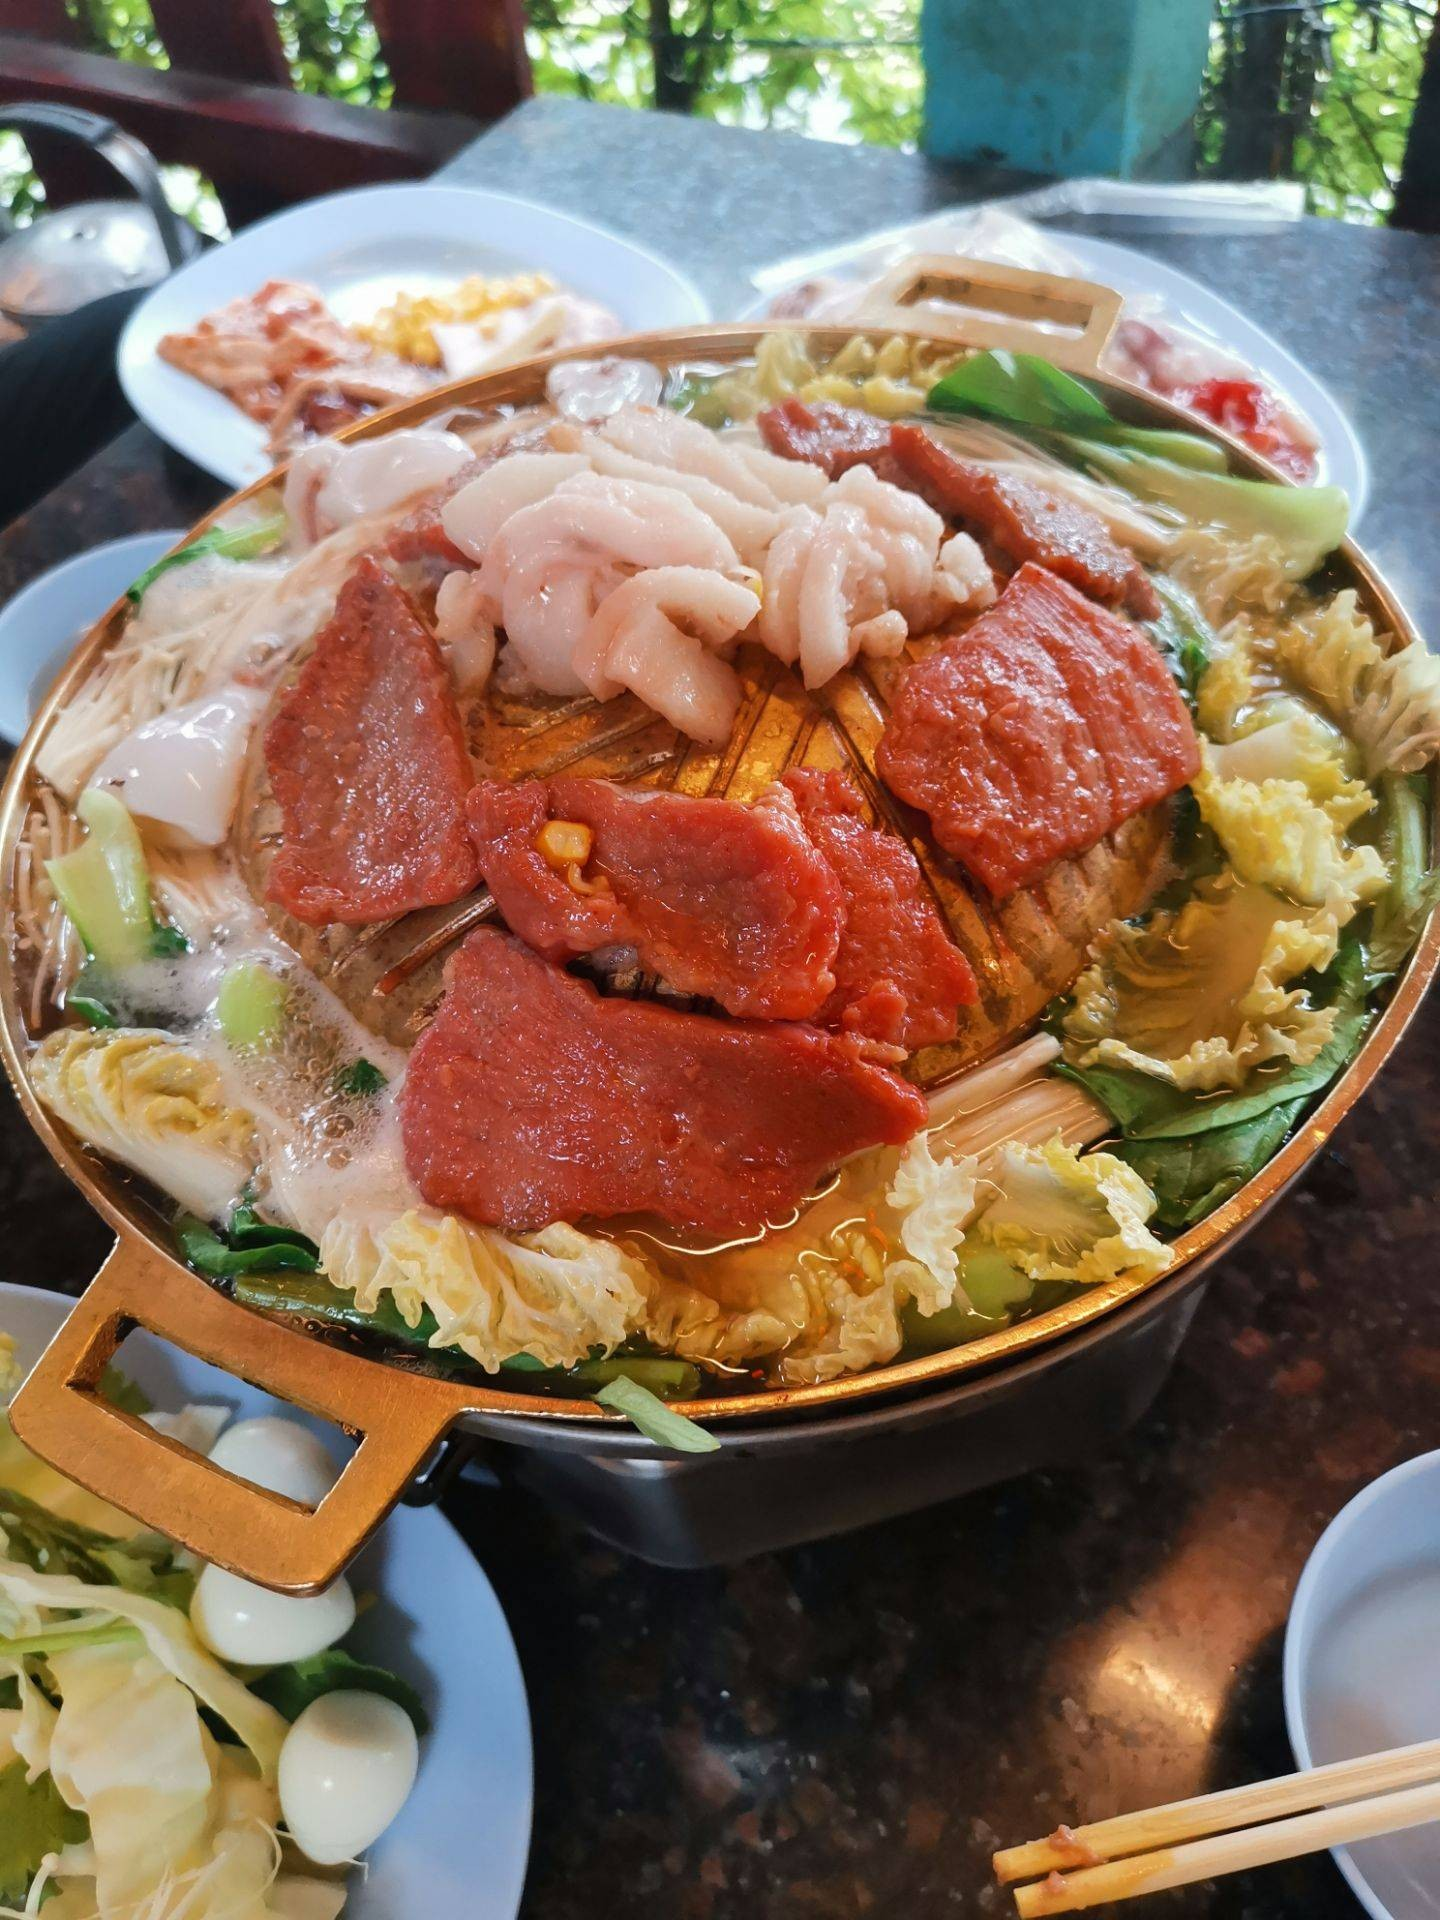 ปลาทองหมูกระทะและข้าวแกงบุปแฟ่ต์กลางวัน พญาไท